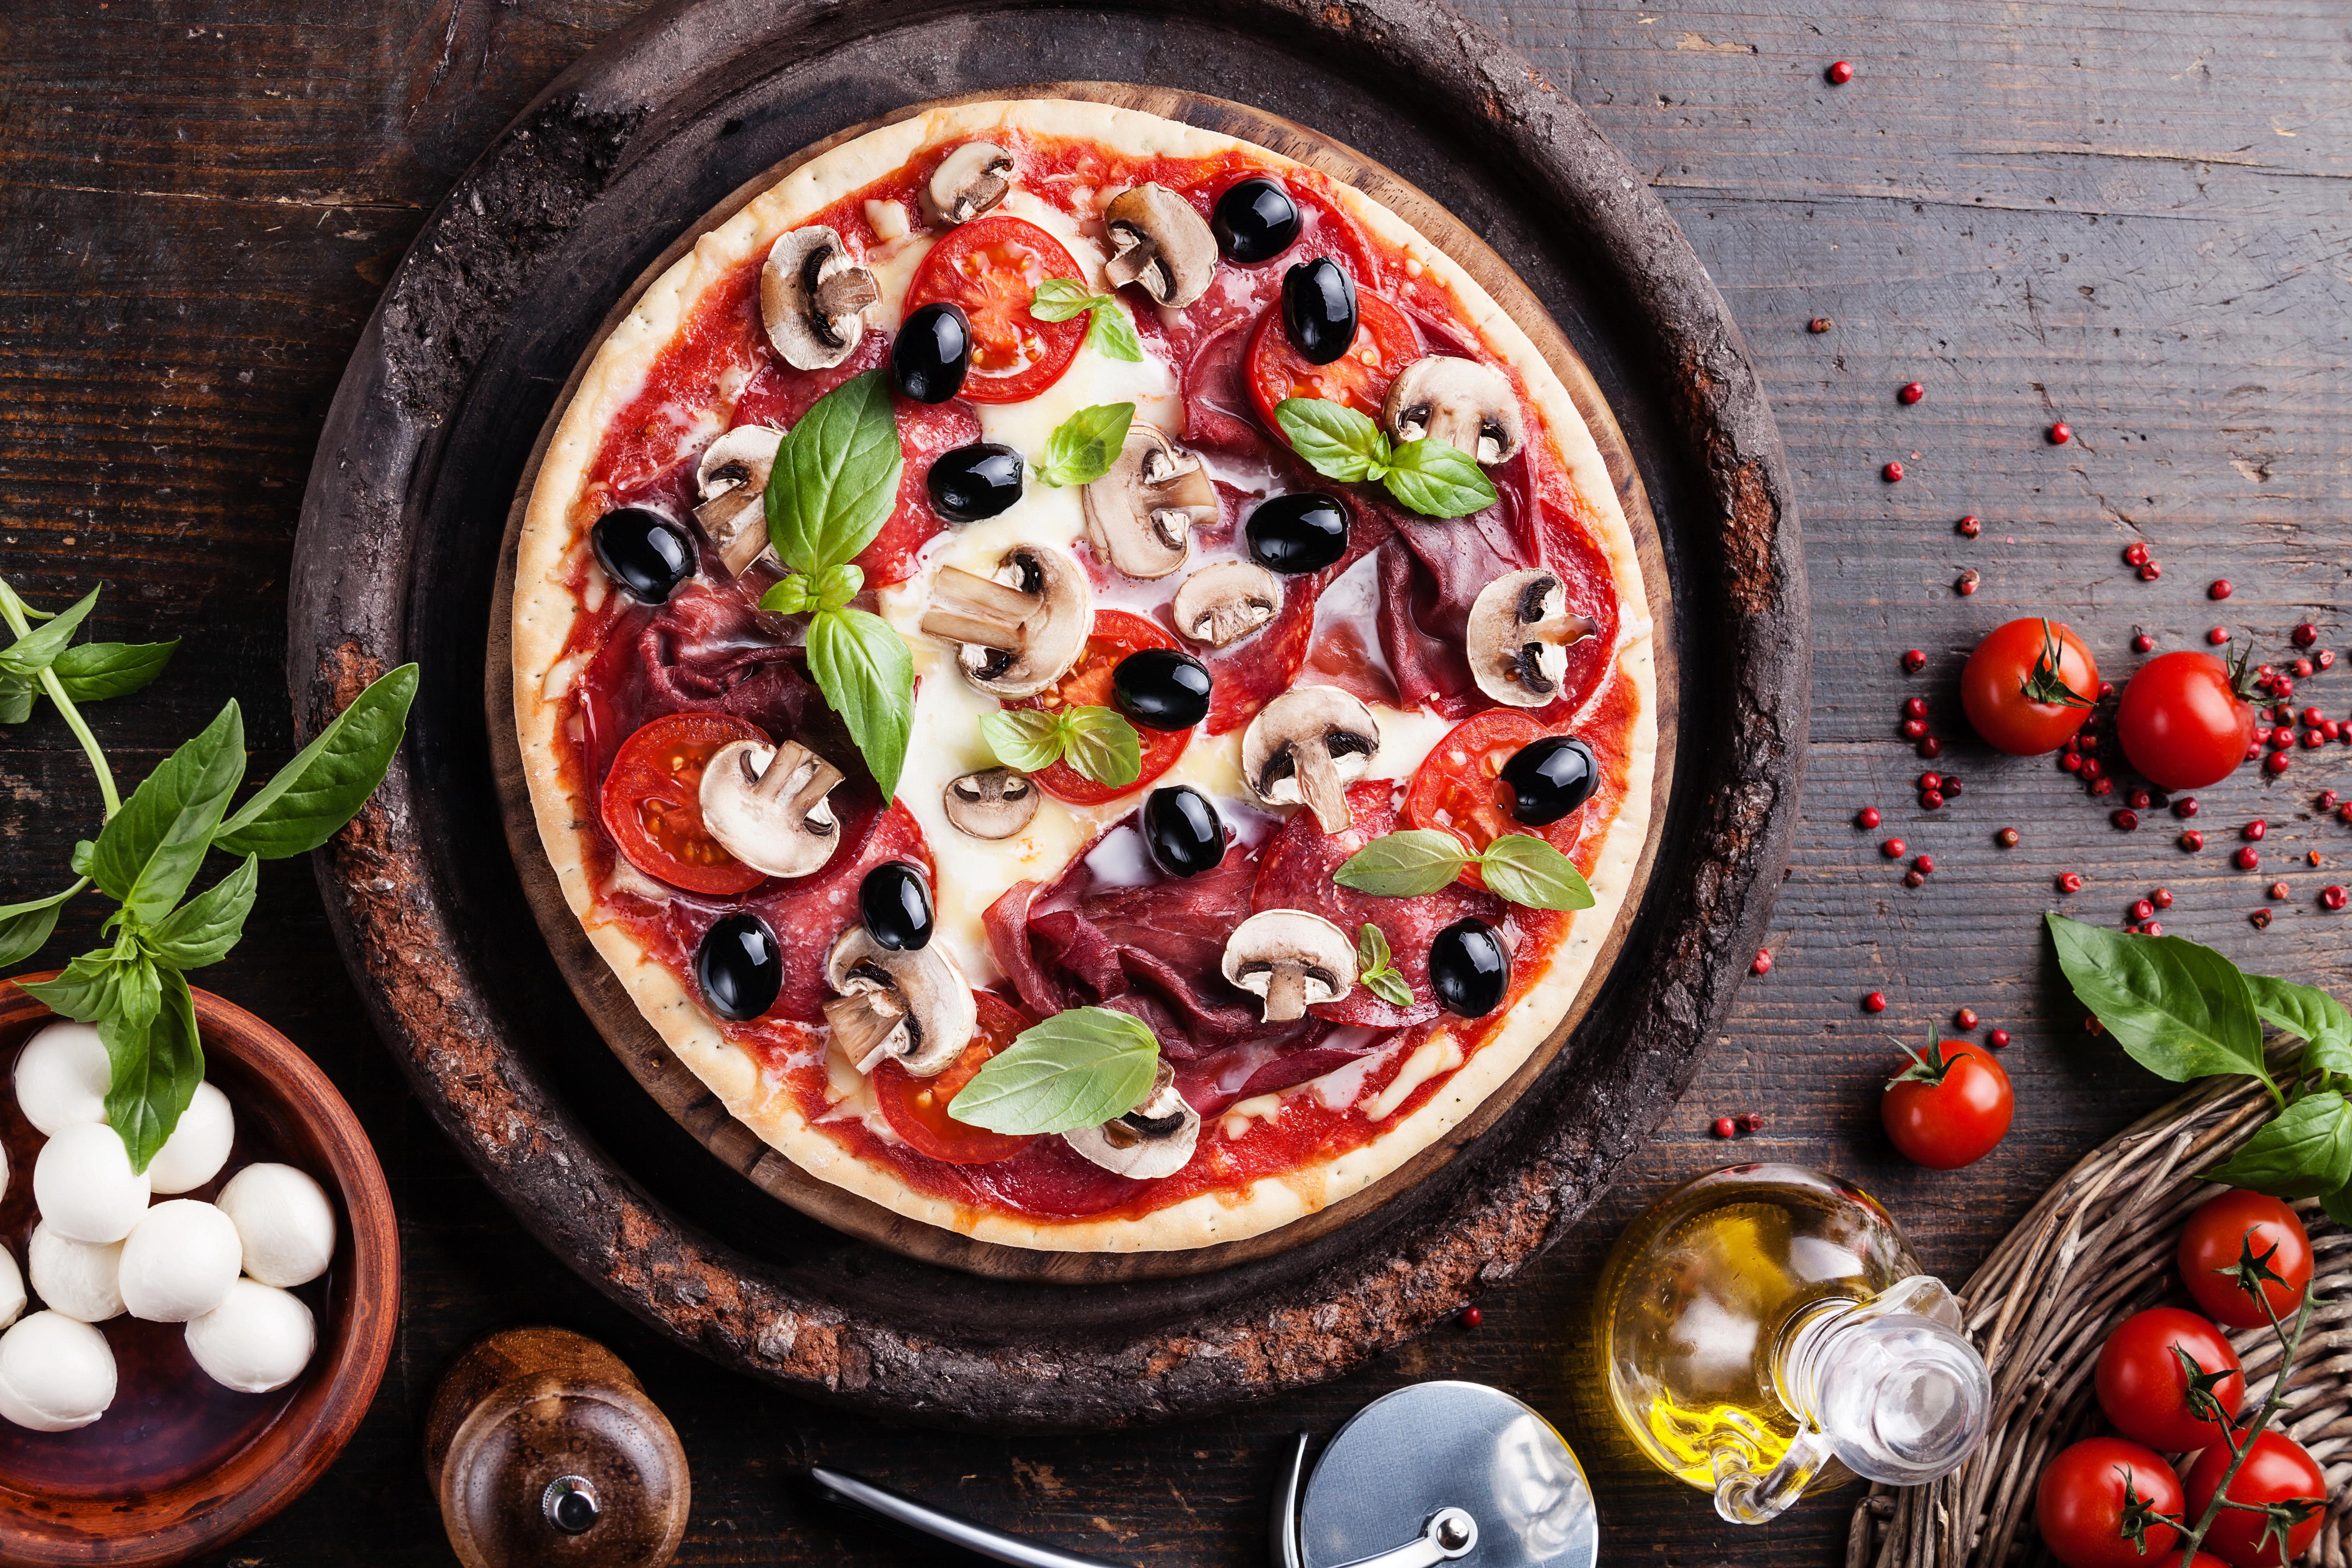 еда пицца европейская бесплатно